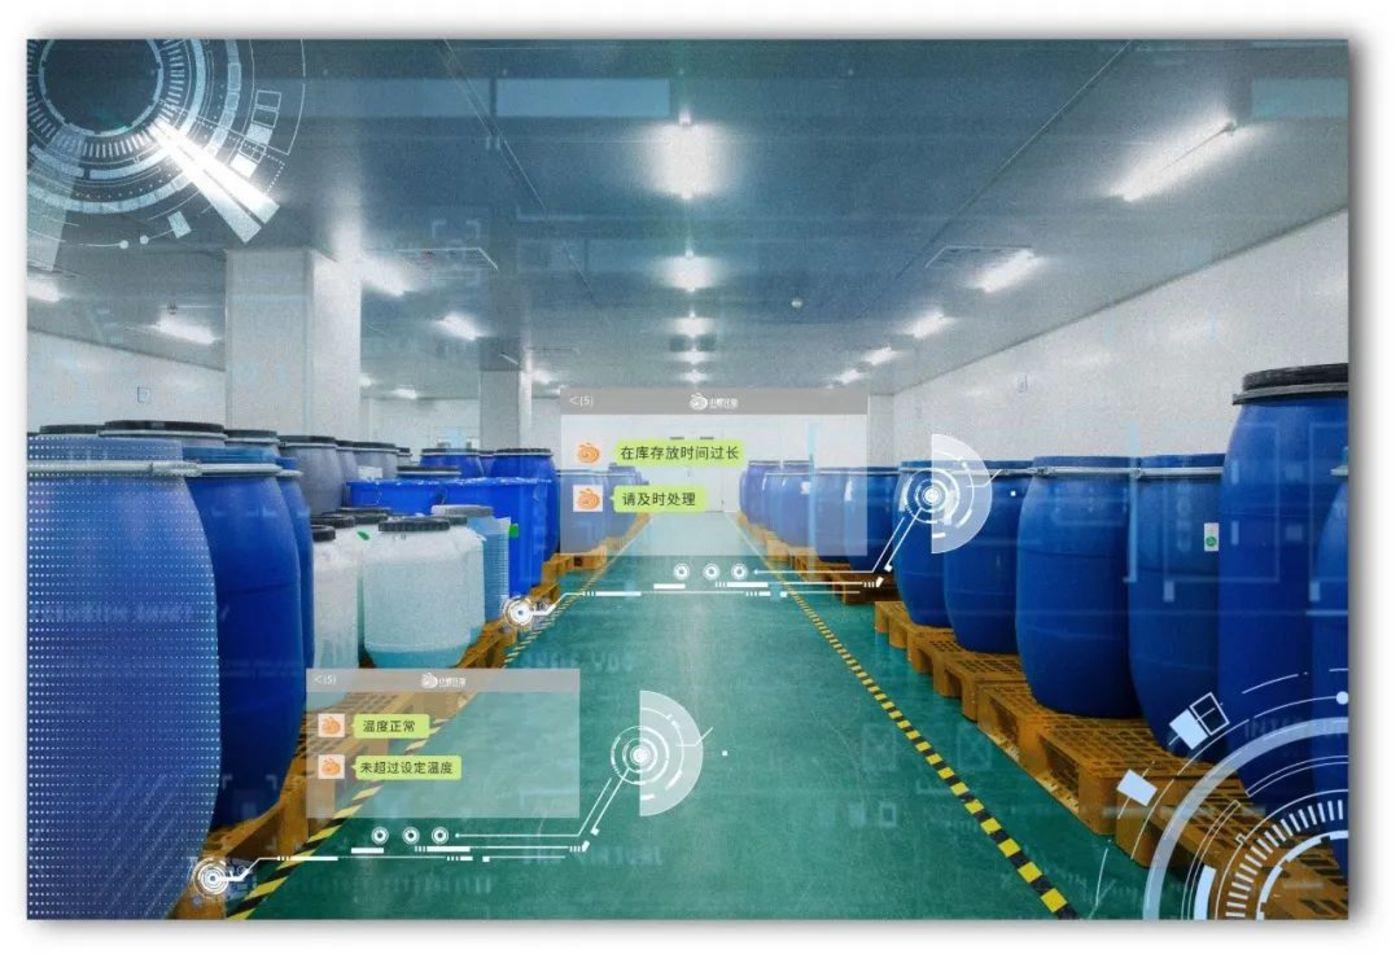 冷链食品/特殊化工:记录仓储、运输、装卸过程中的温度,设立区间范围,超出报警